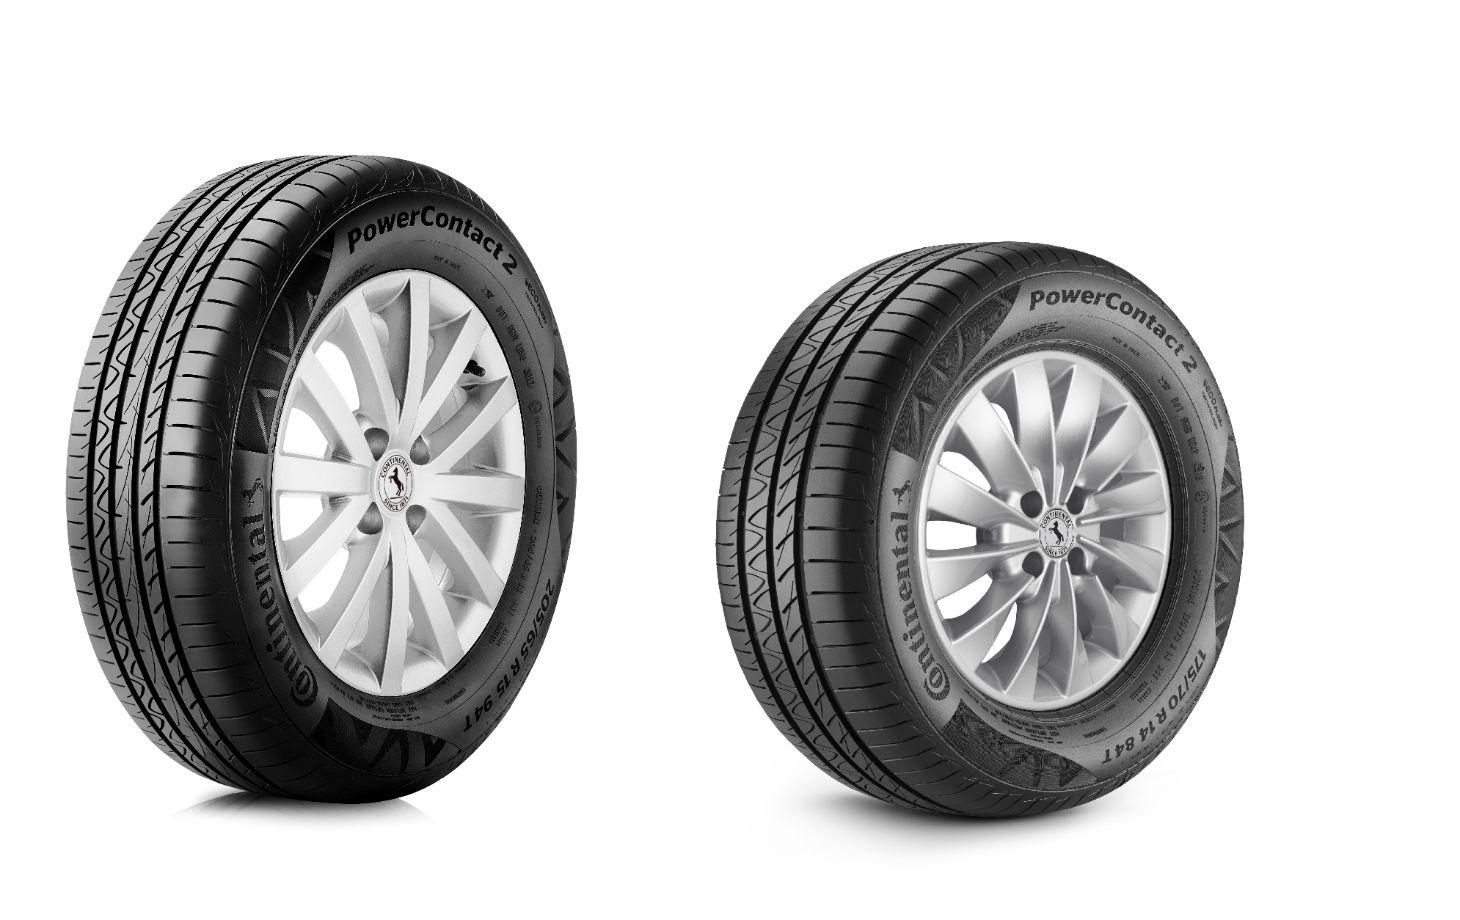 pneus power contact da marca continental com 3 e 4 sulcos